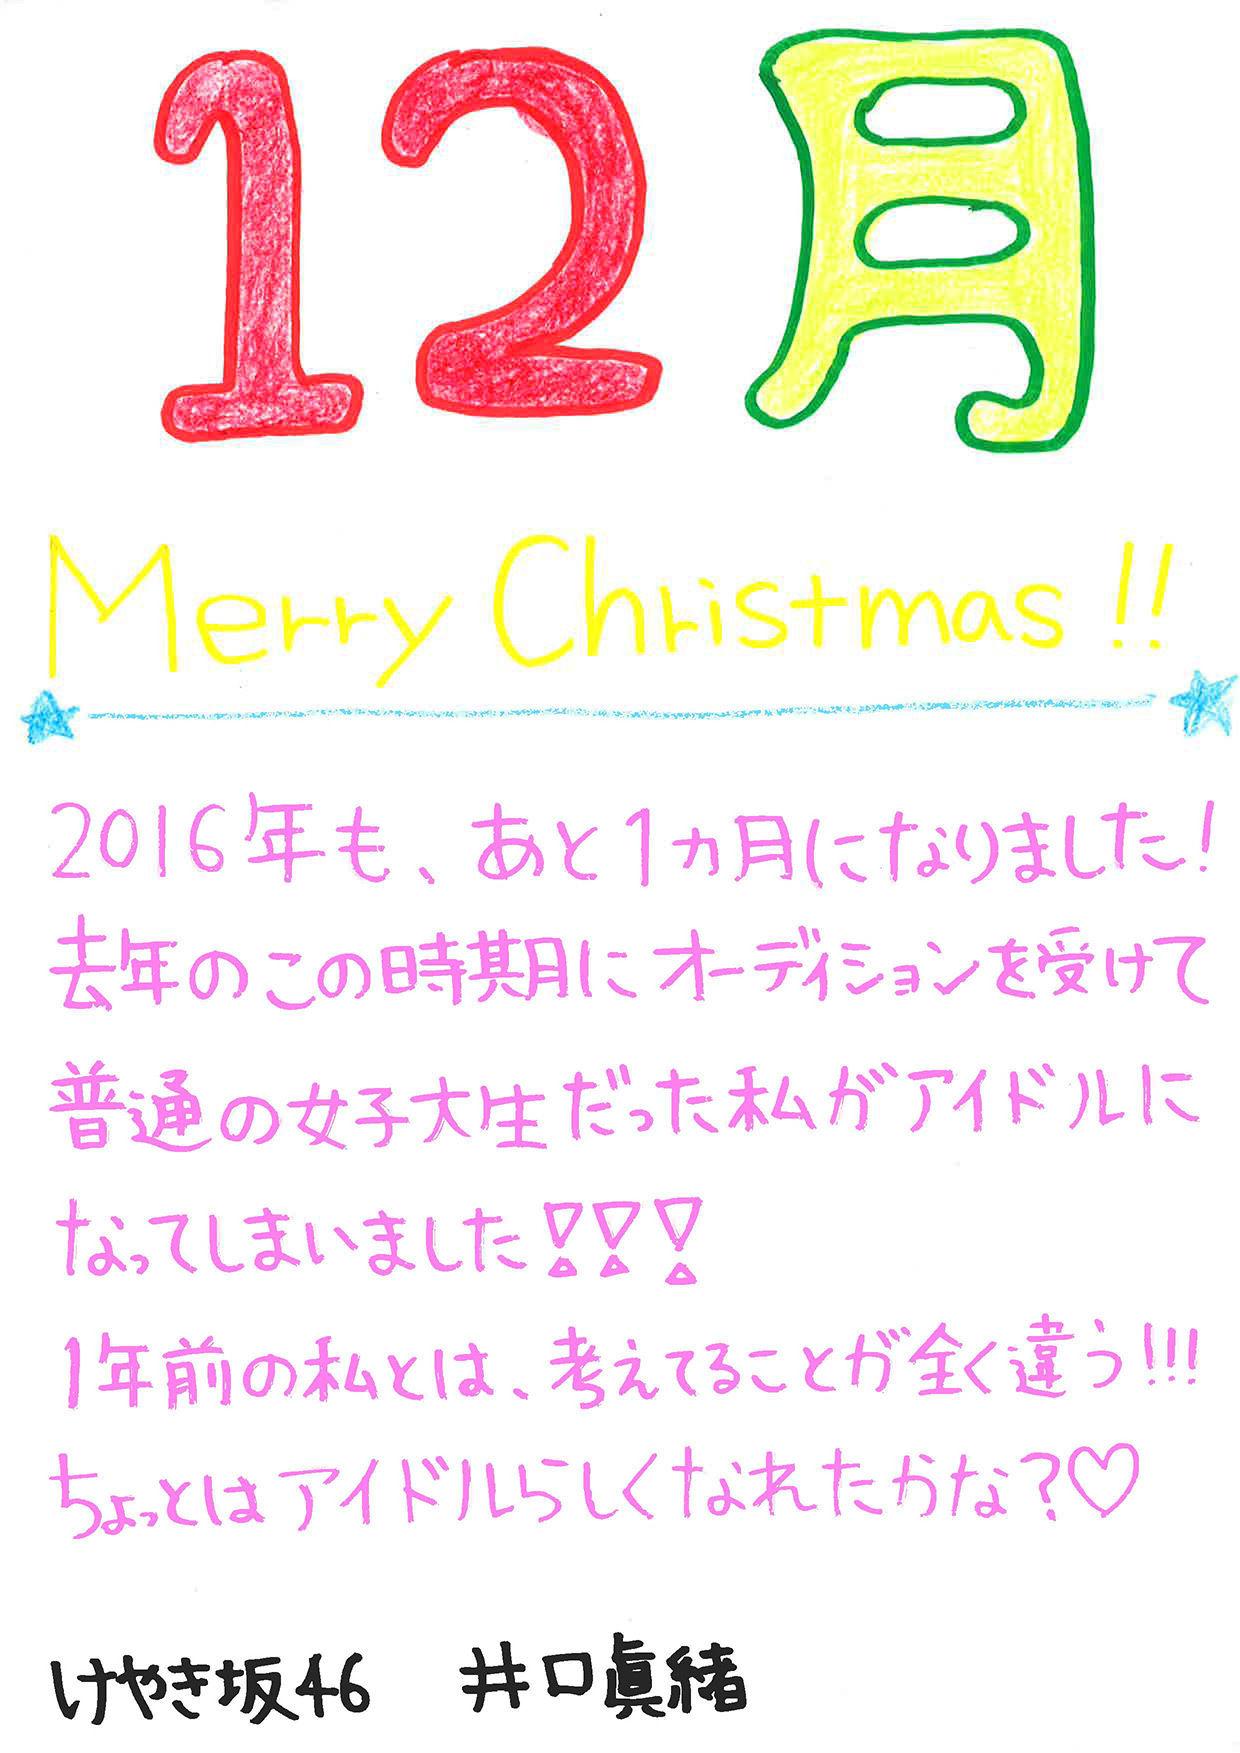 g201612_23_6arae9et7_jpg